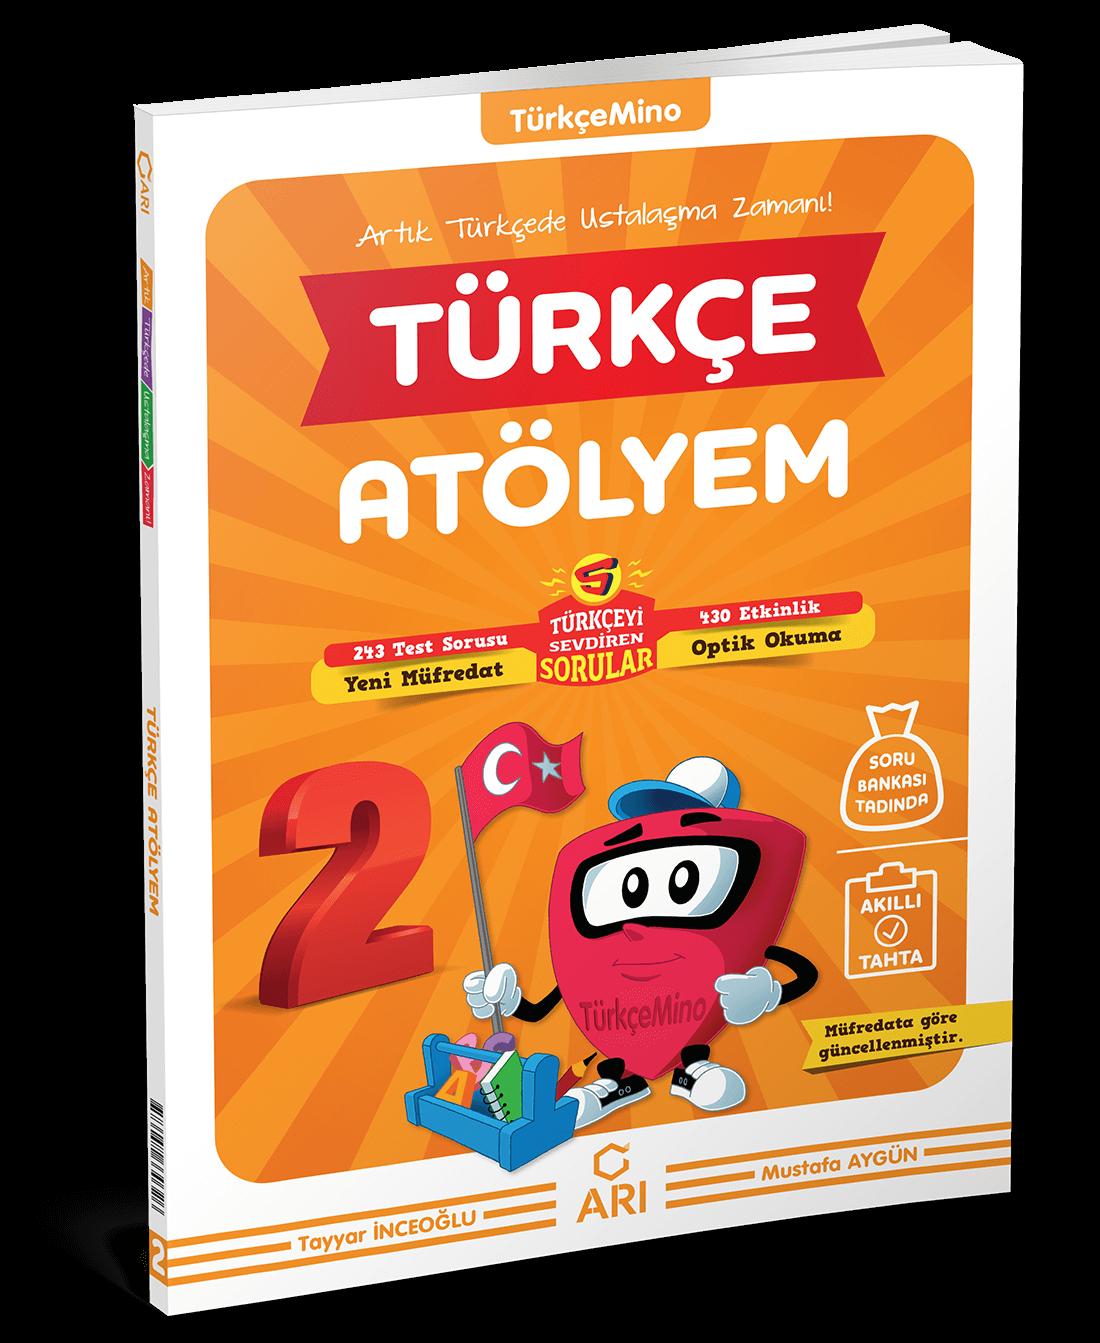 TürkçeMino Türkçe Atölyem 2. Sınıf